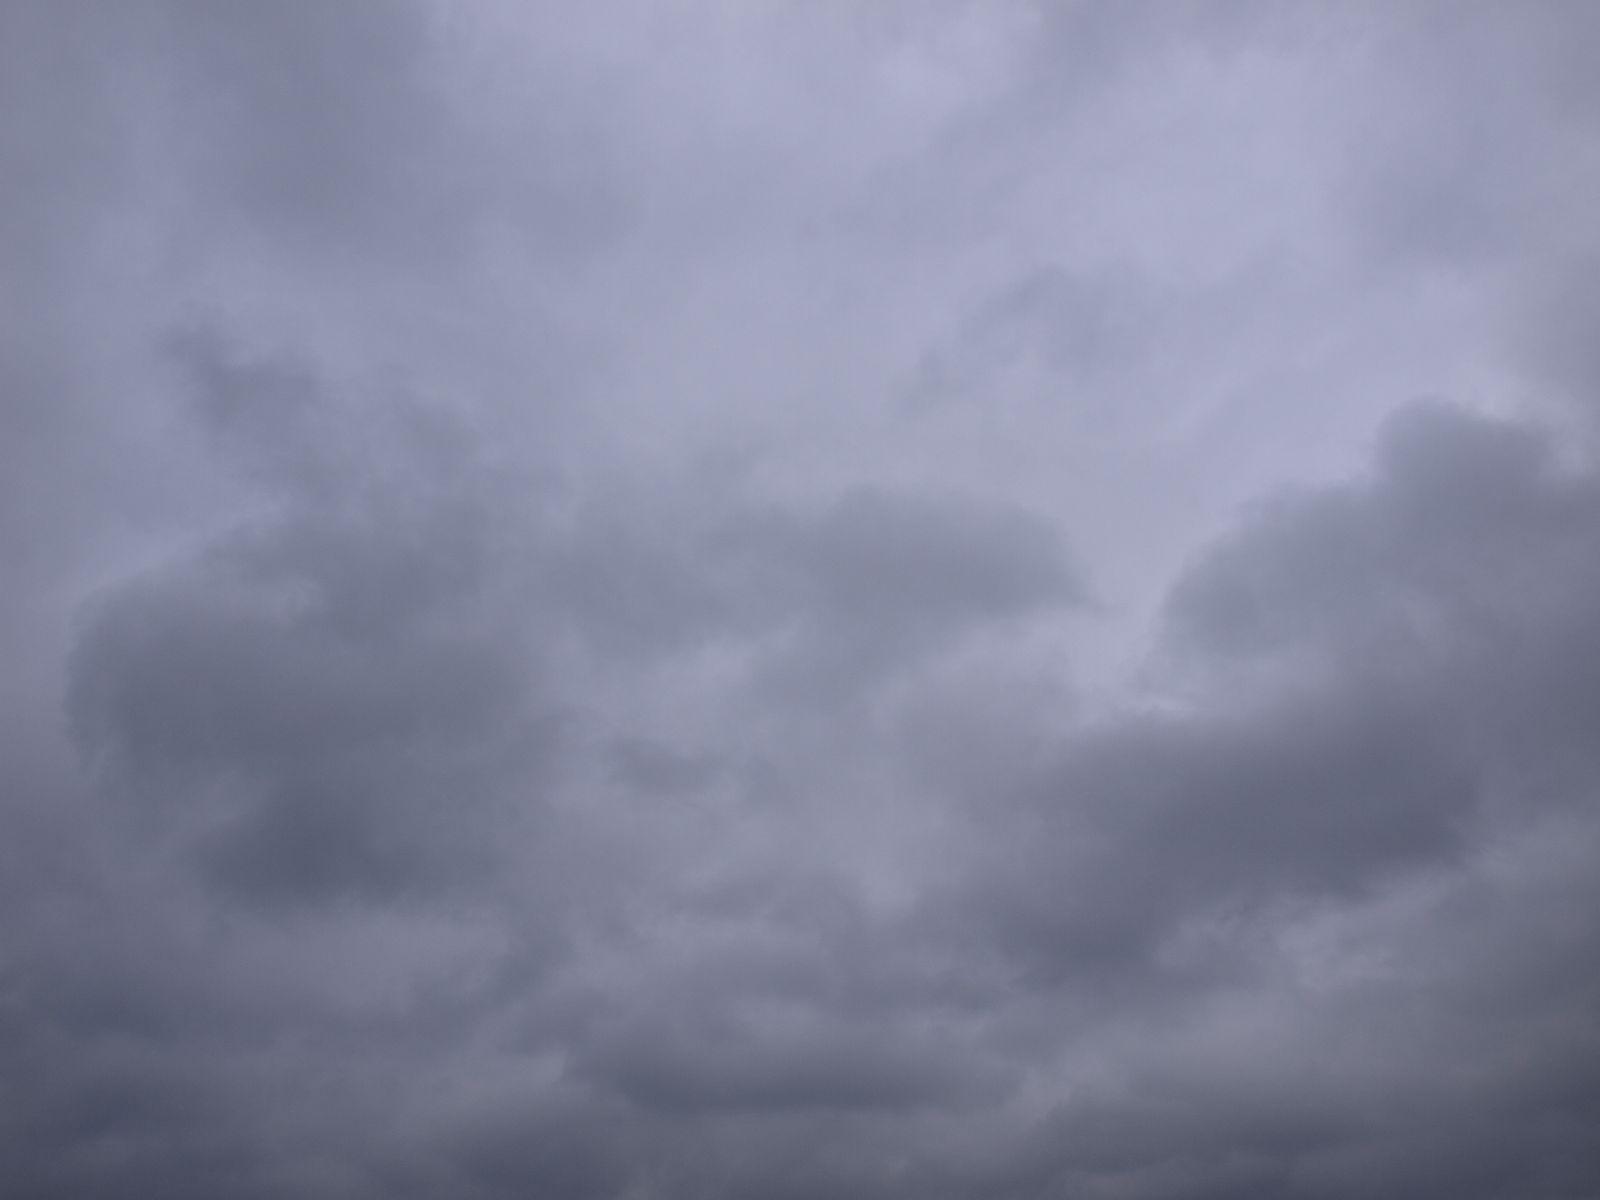 Himmel-Wolken-Foto_Textur_A_P5123670